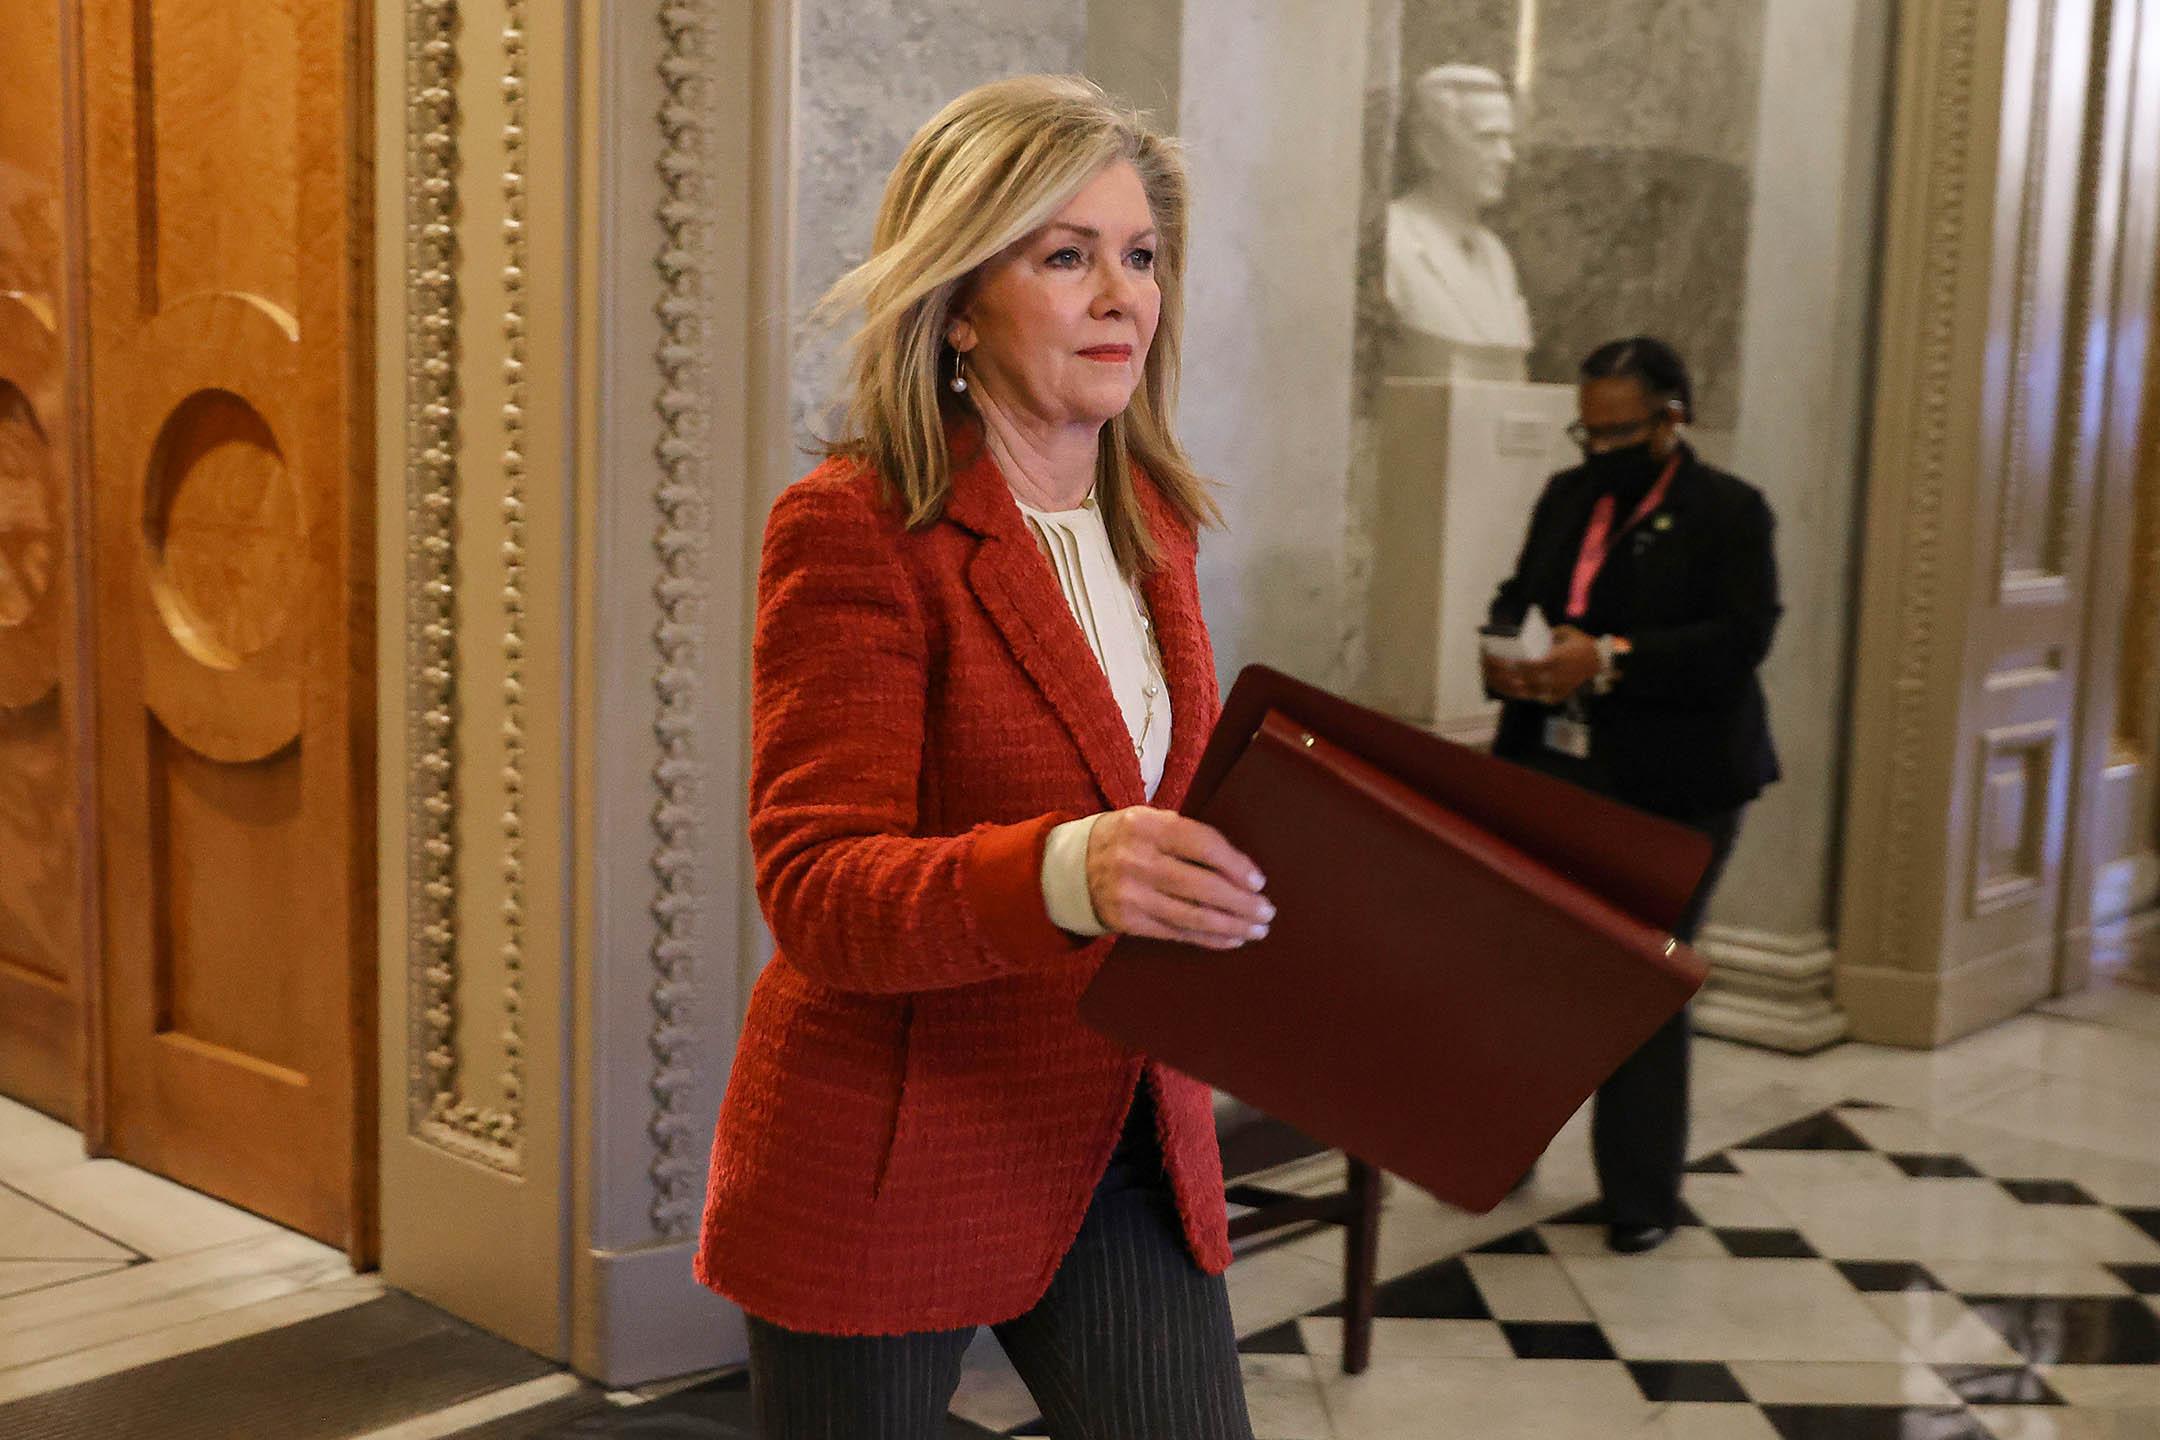 2021年2月8日華盛頓,美國參議員布萊克本(Marsha Blackburn)在美國國會大廈進行表決後離開參議院。